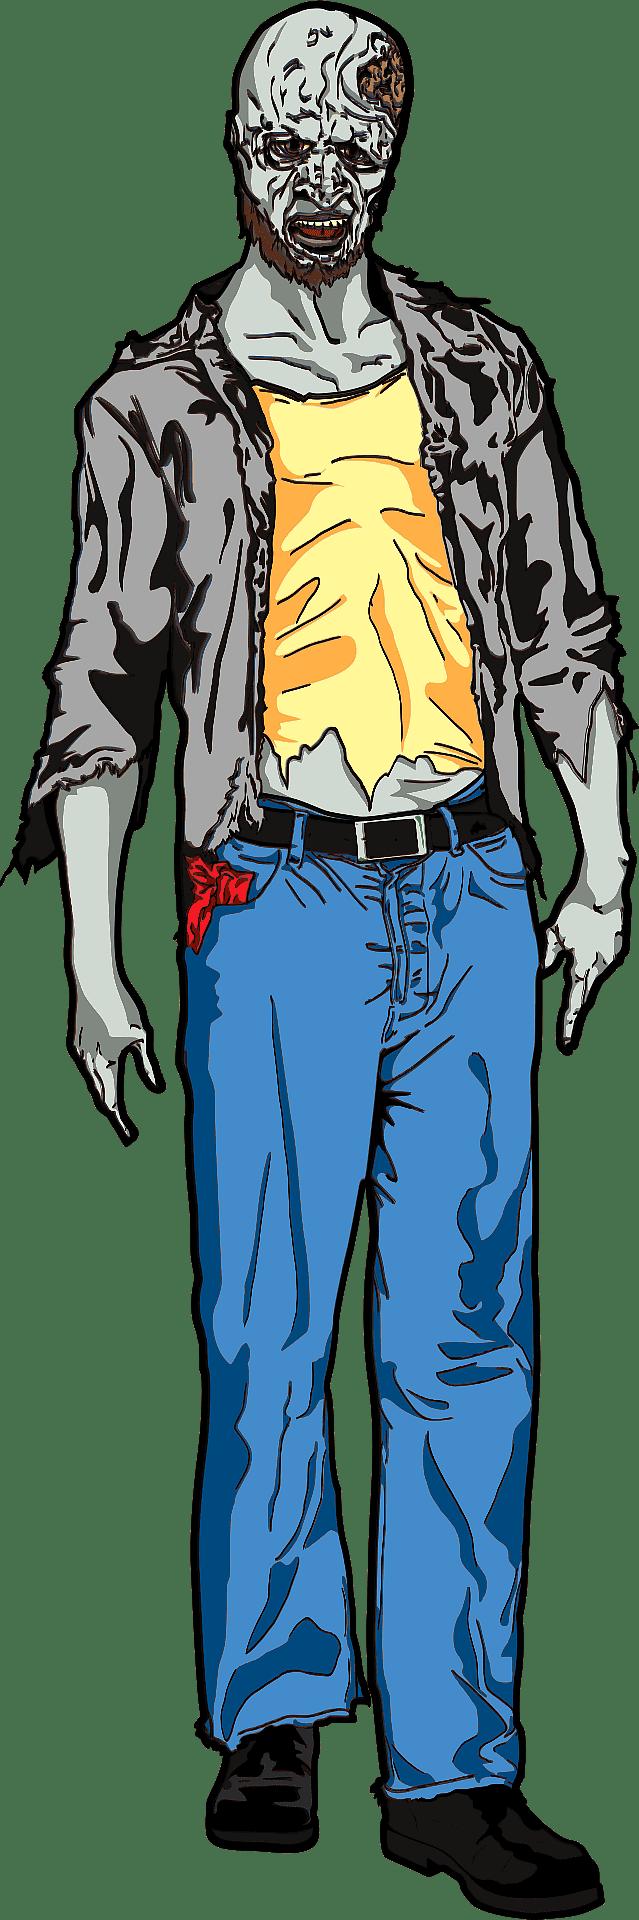 Zombie clipart transparent png